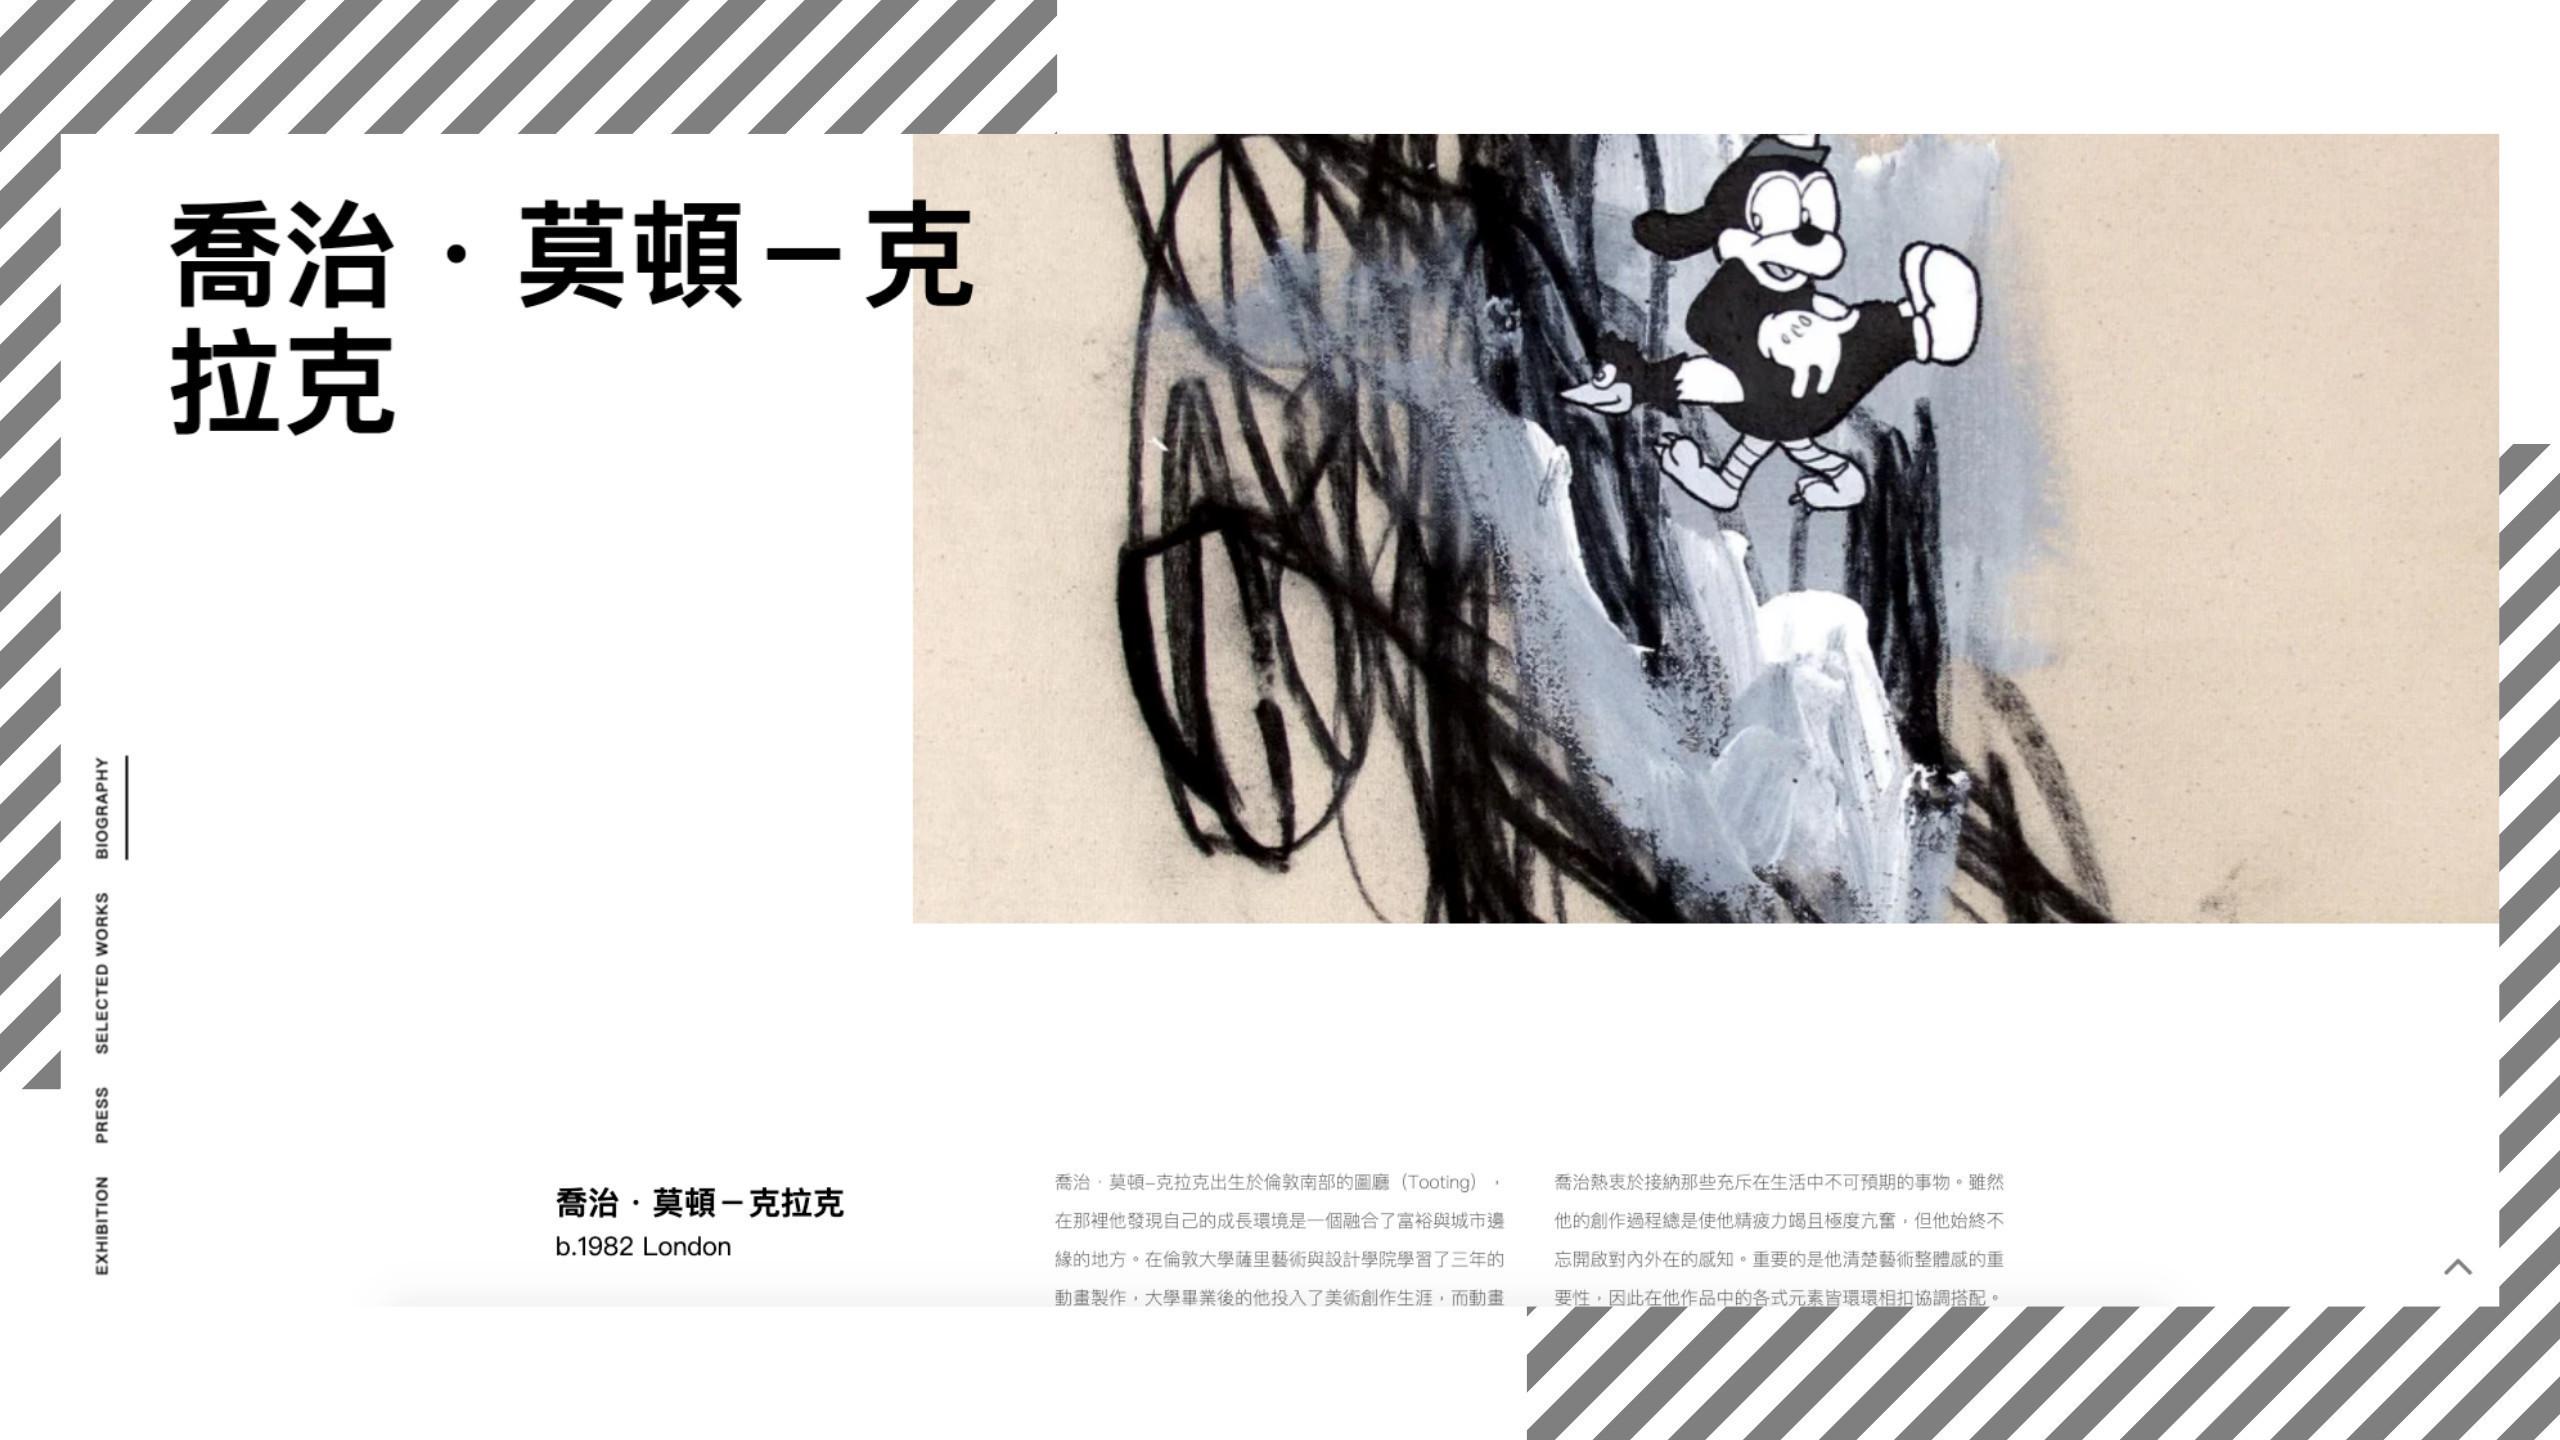 部落格|田奈藝術善用社群媒體及內容行銷展現差異化